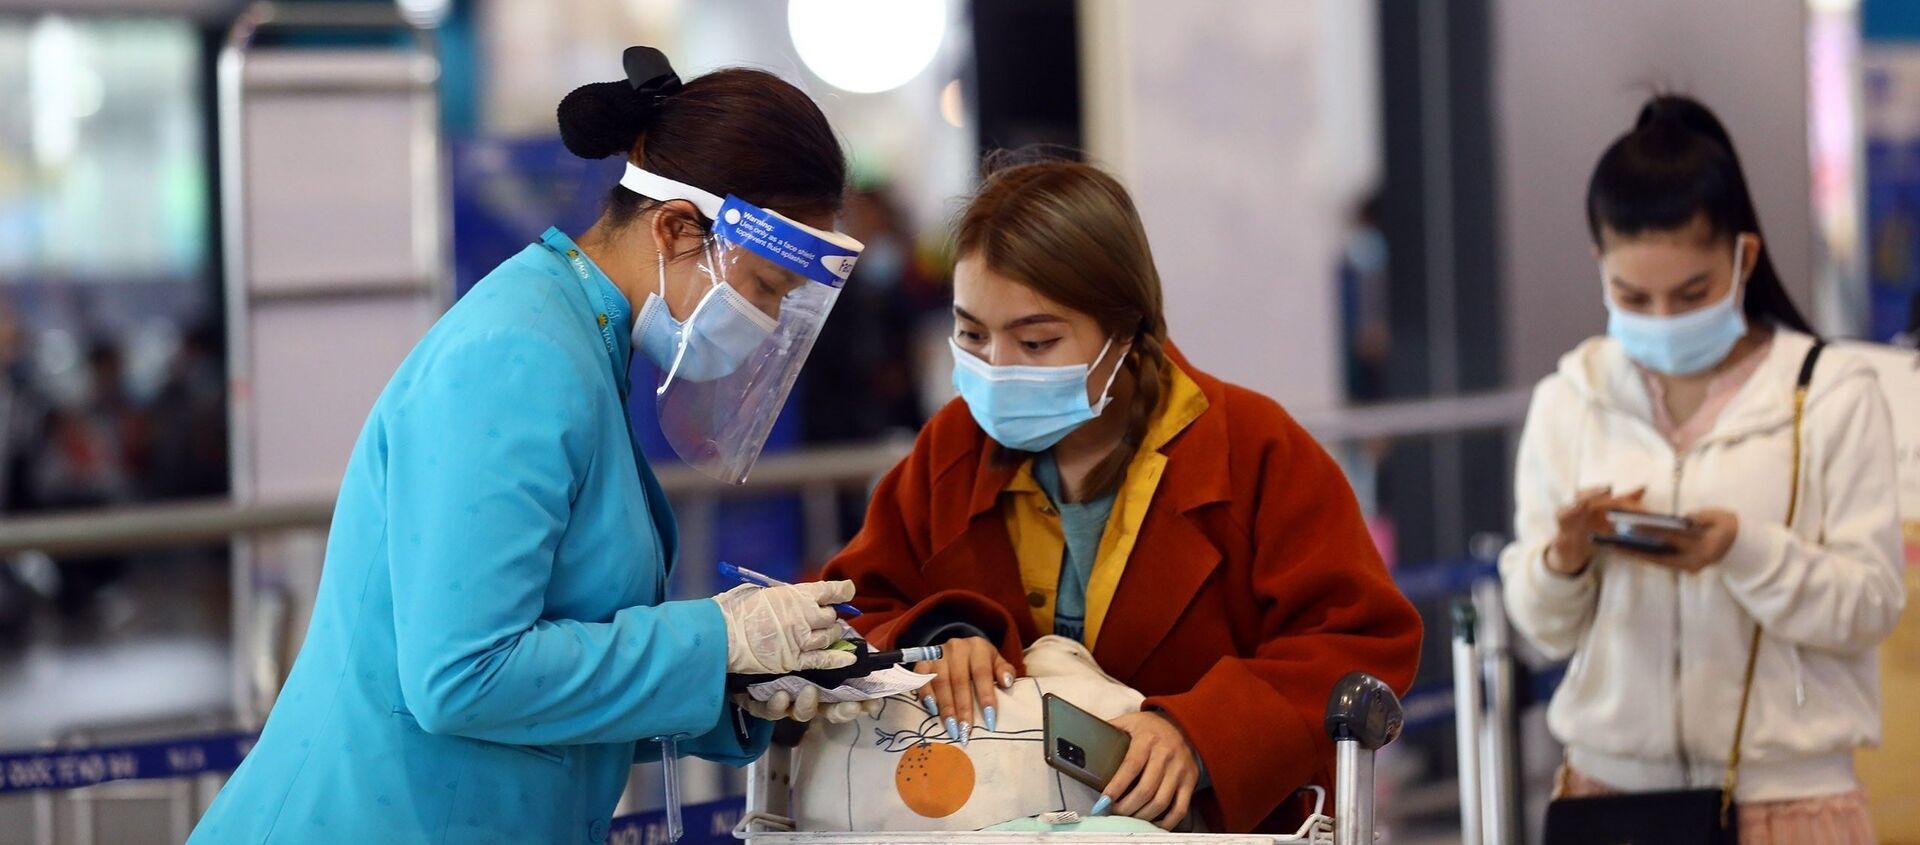 Nhân viên của hãng hàng không Vietnam Airlines đeo đầy đủ khẩu trang, mặt nạ chống giọt bắn để đảm bảo phòng chống dịch Covid-19.  - Sputnik Việt Nam, 1920, 08.02.2021